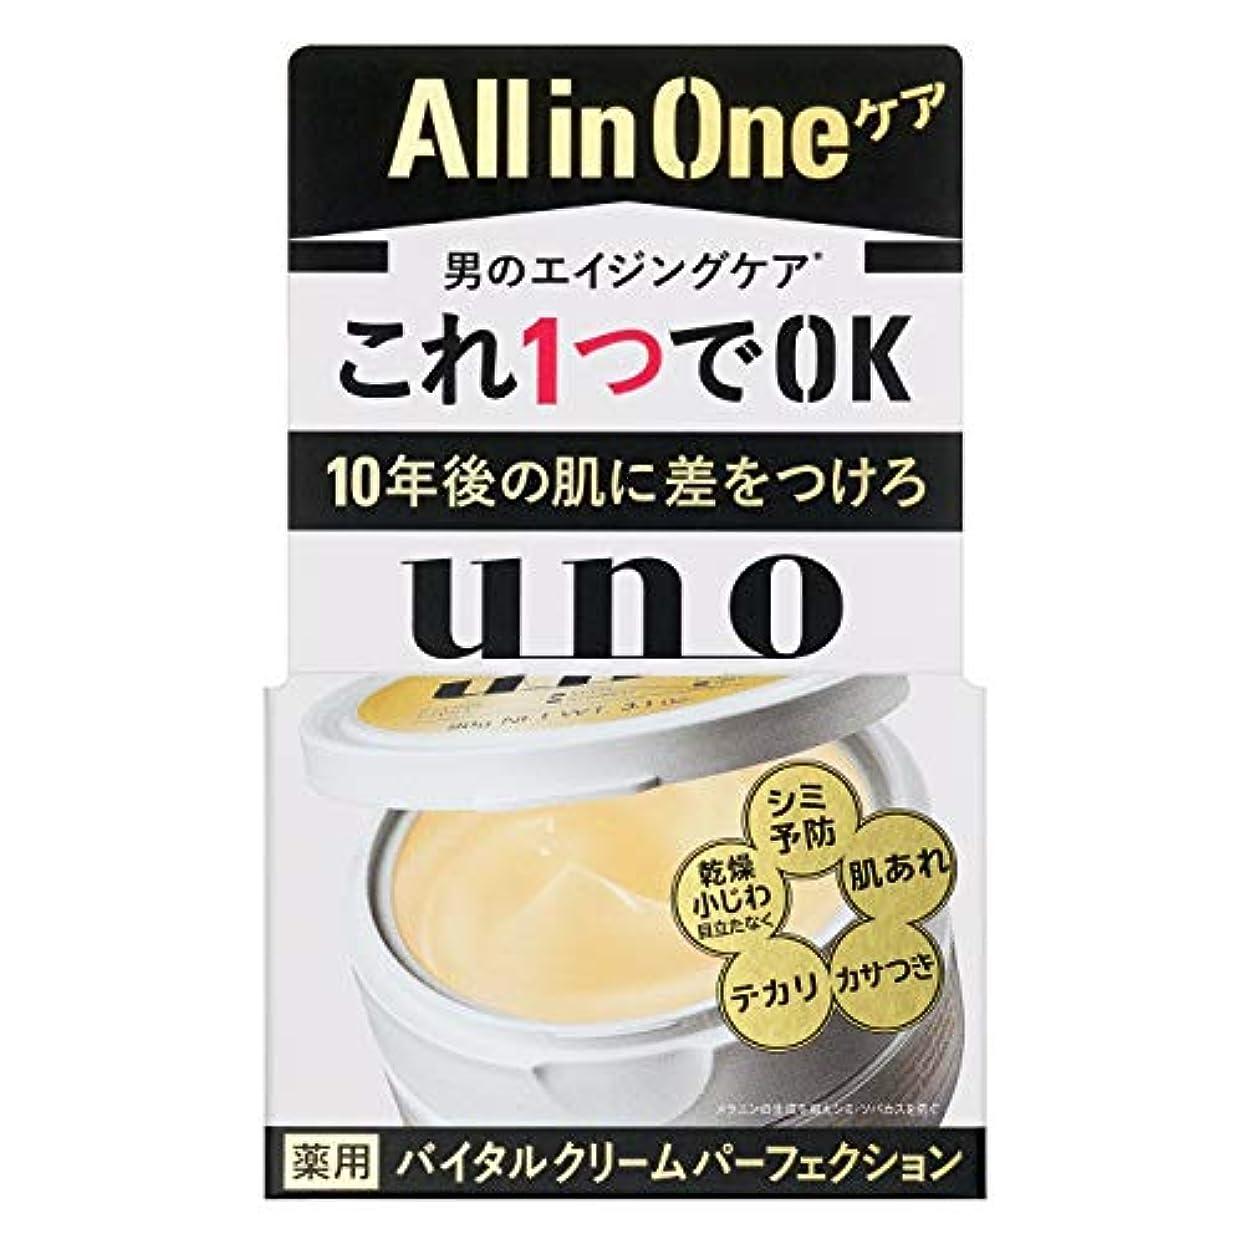 リズム別に不健康UNO(ウーノ) ウーノ バイタルクリームパーフェクション 90g オールインワン シトラスグリーンの香り(微香性)